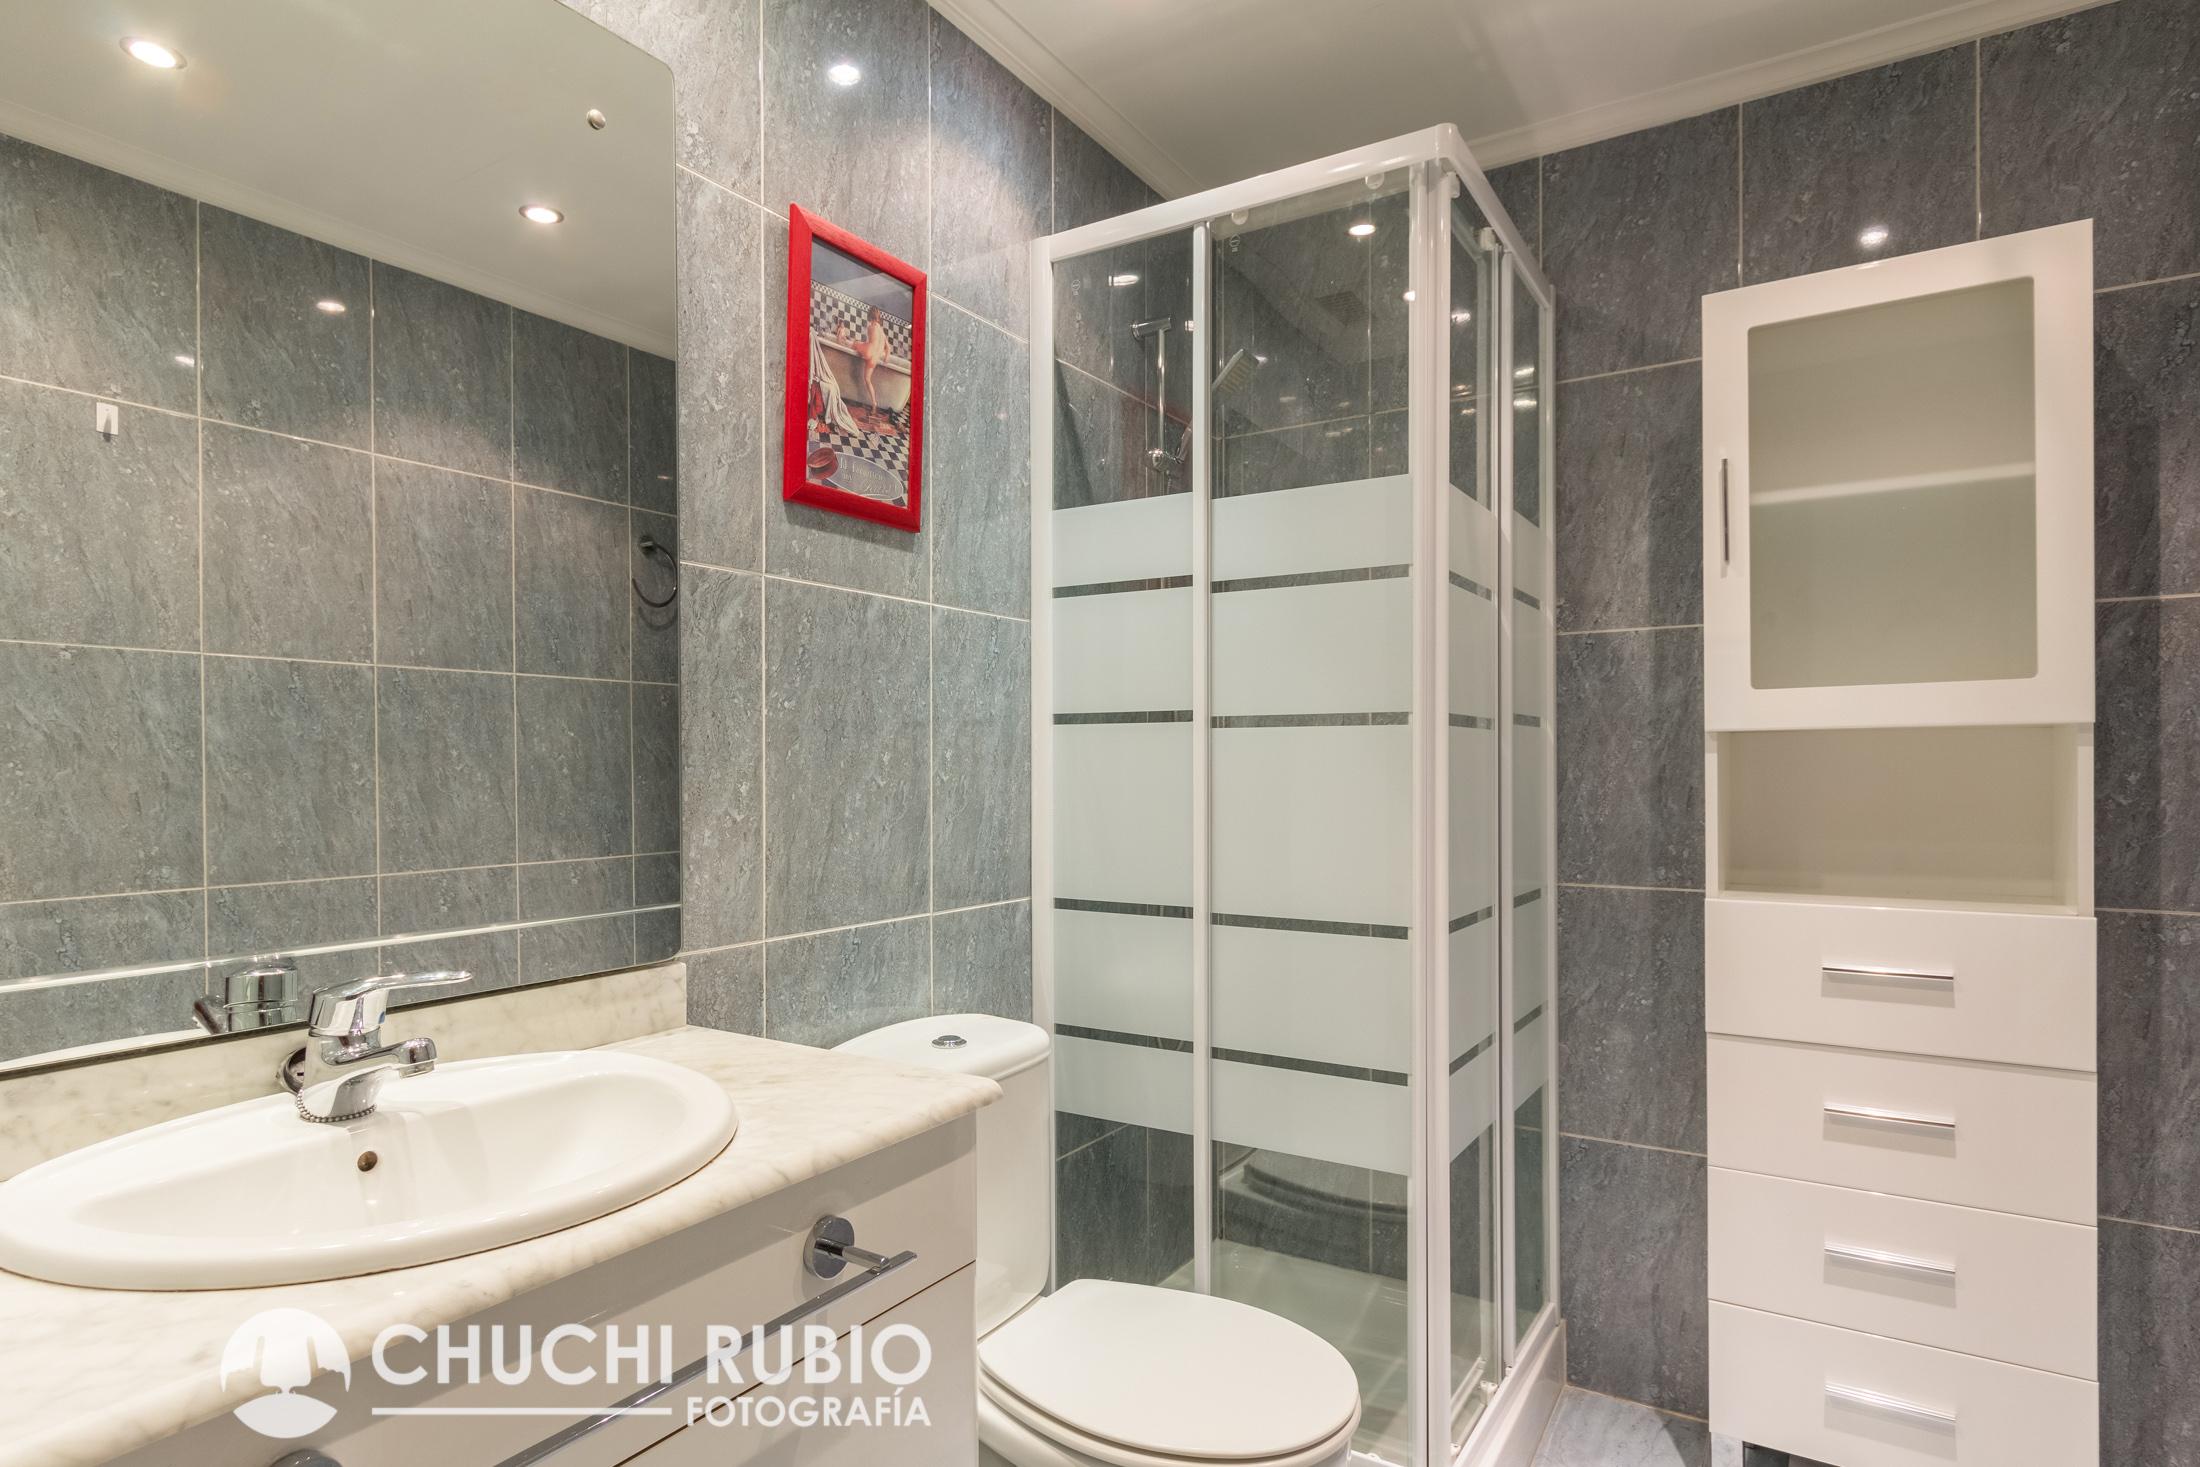 IMG 0953 HDR - Fotografía para Inmobiliarias, venta de pisos, locales...